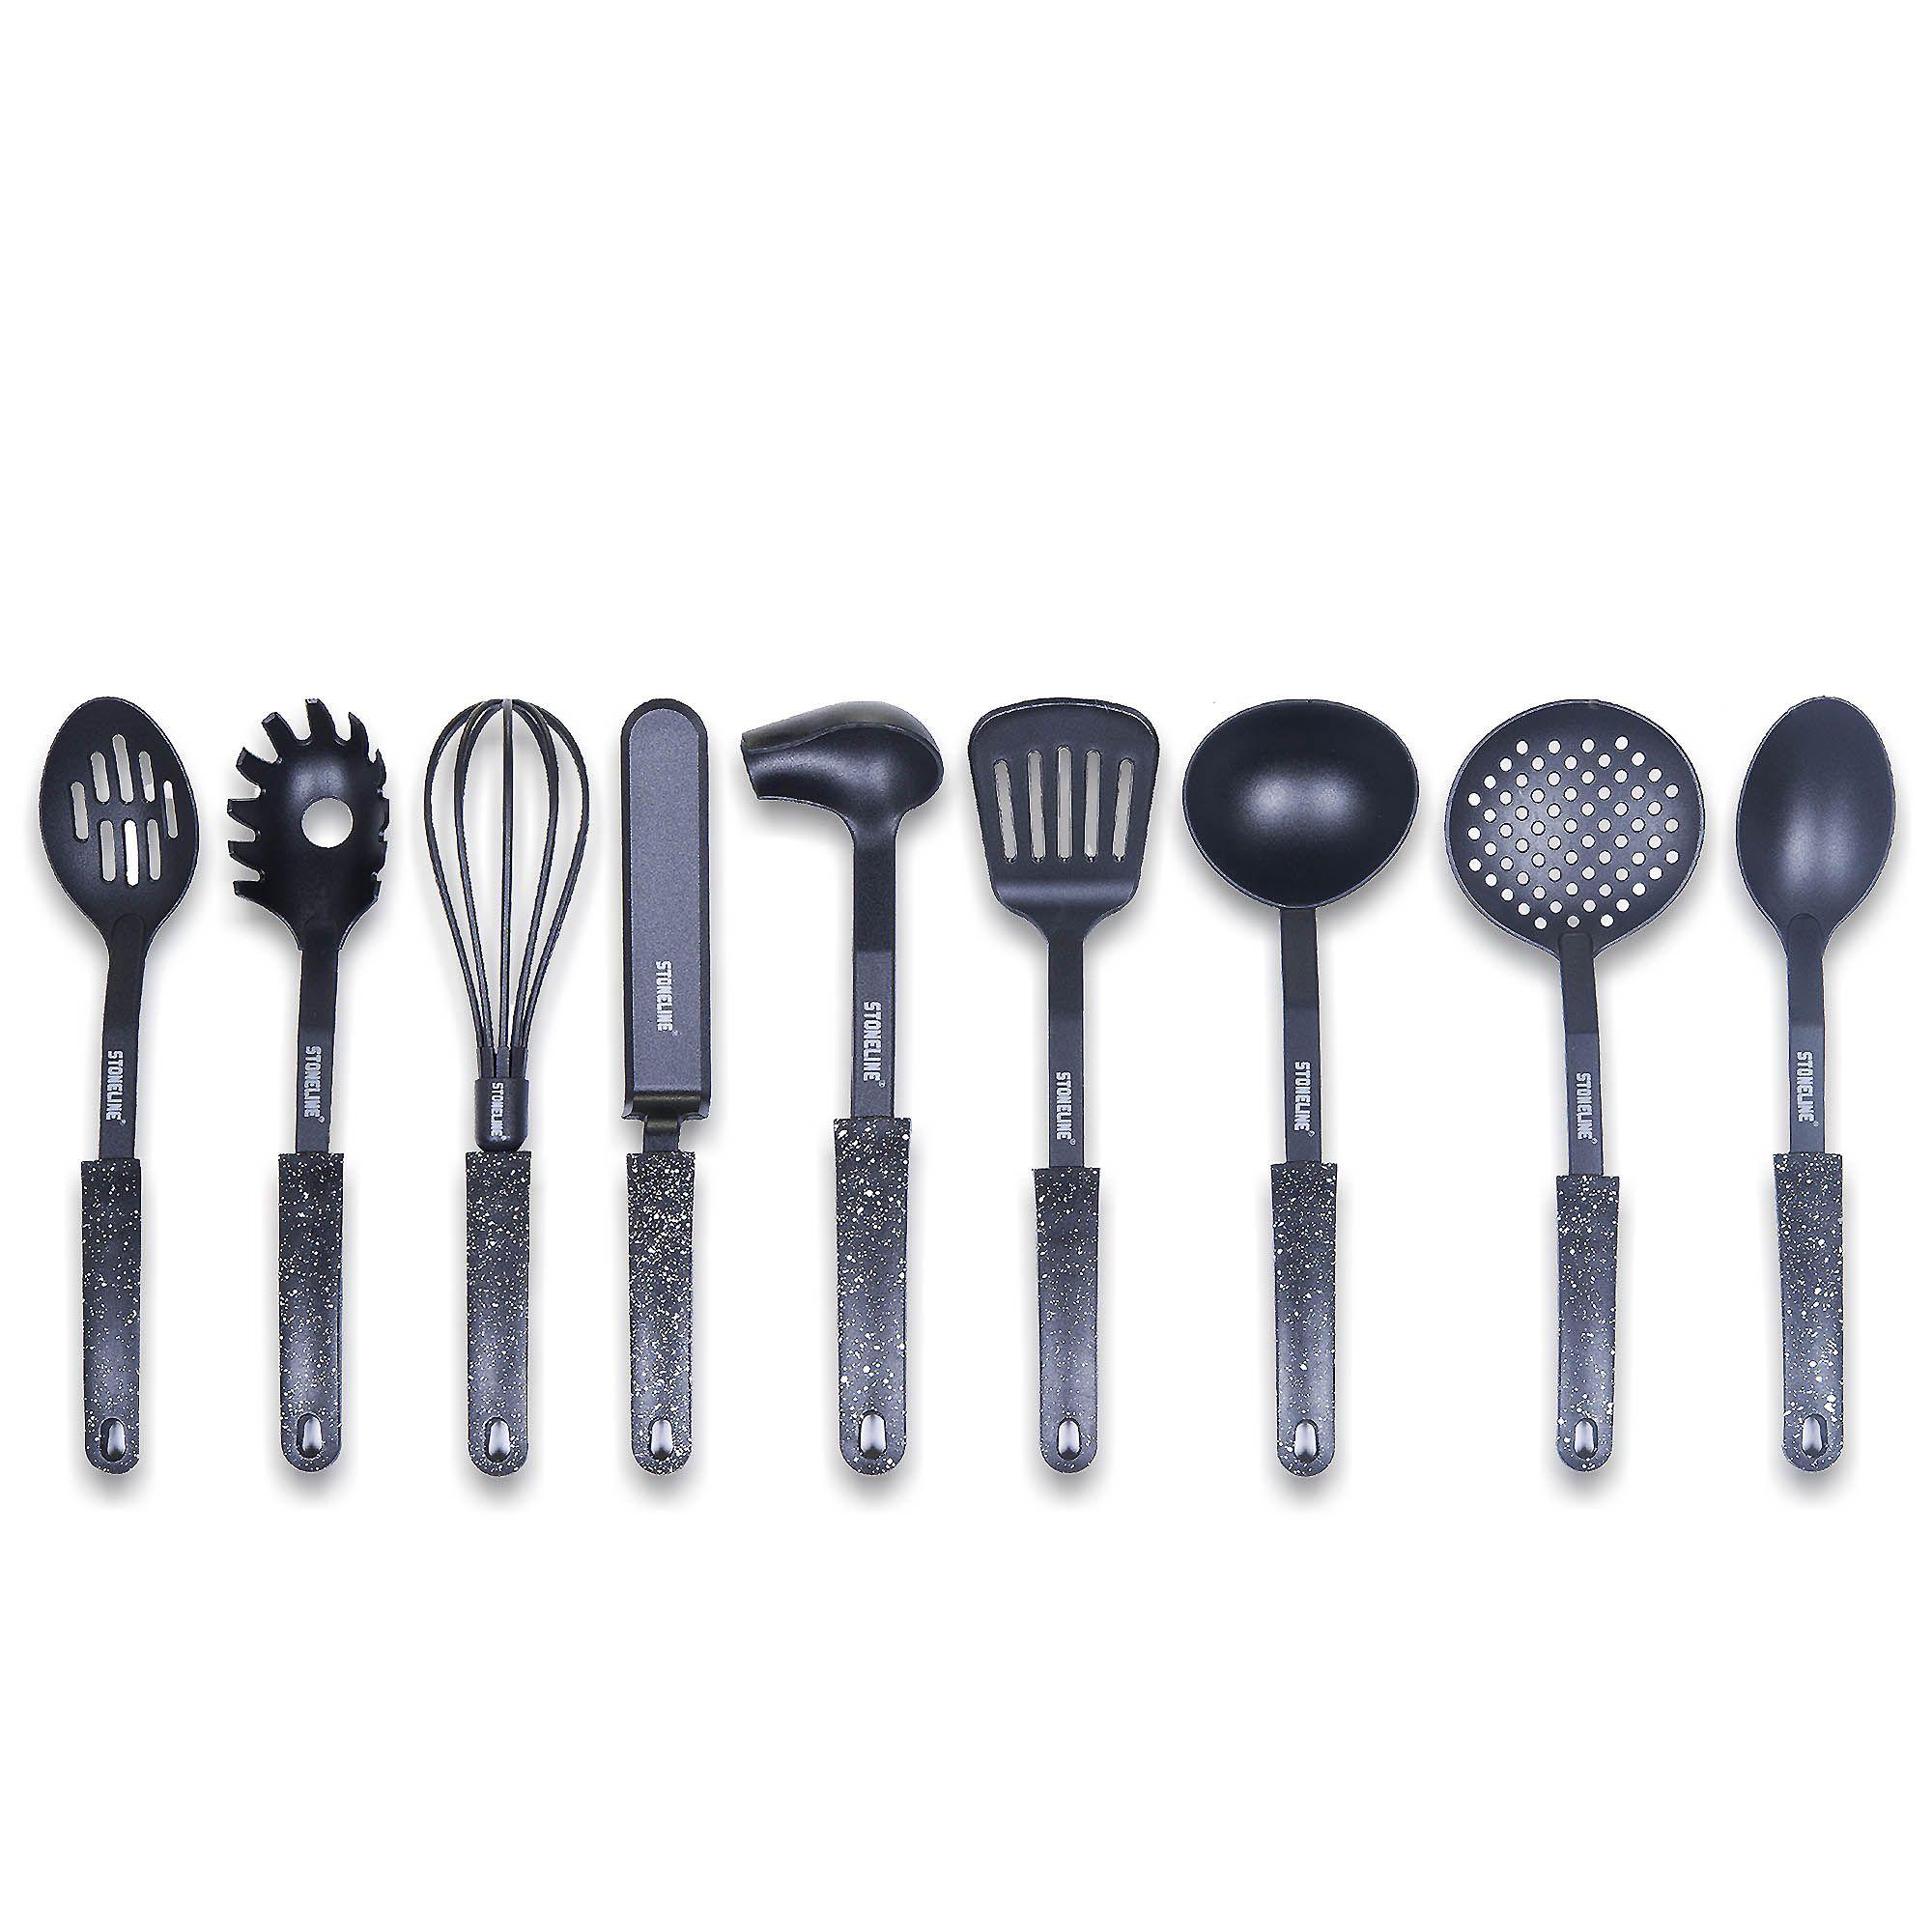 Utensili da cucina for Utensili da cucina di design